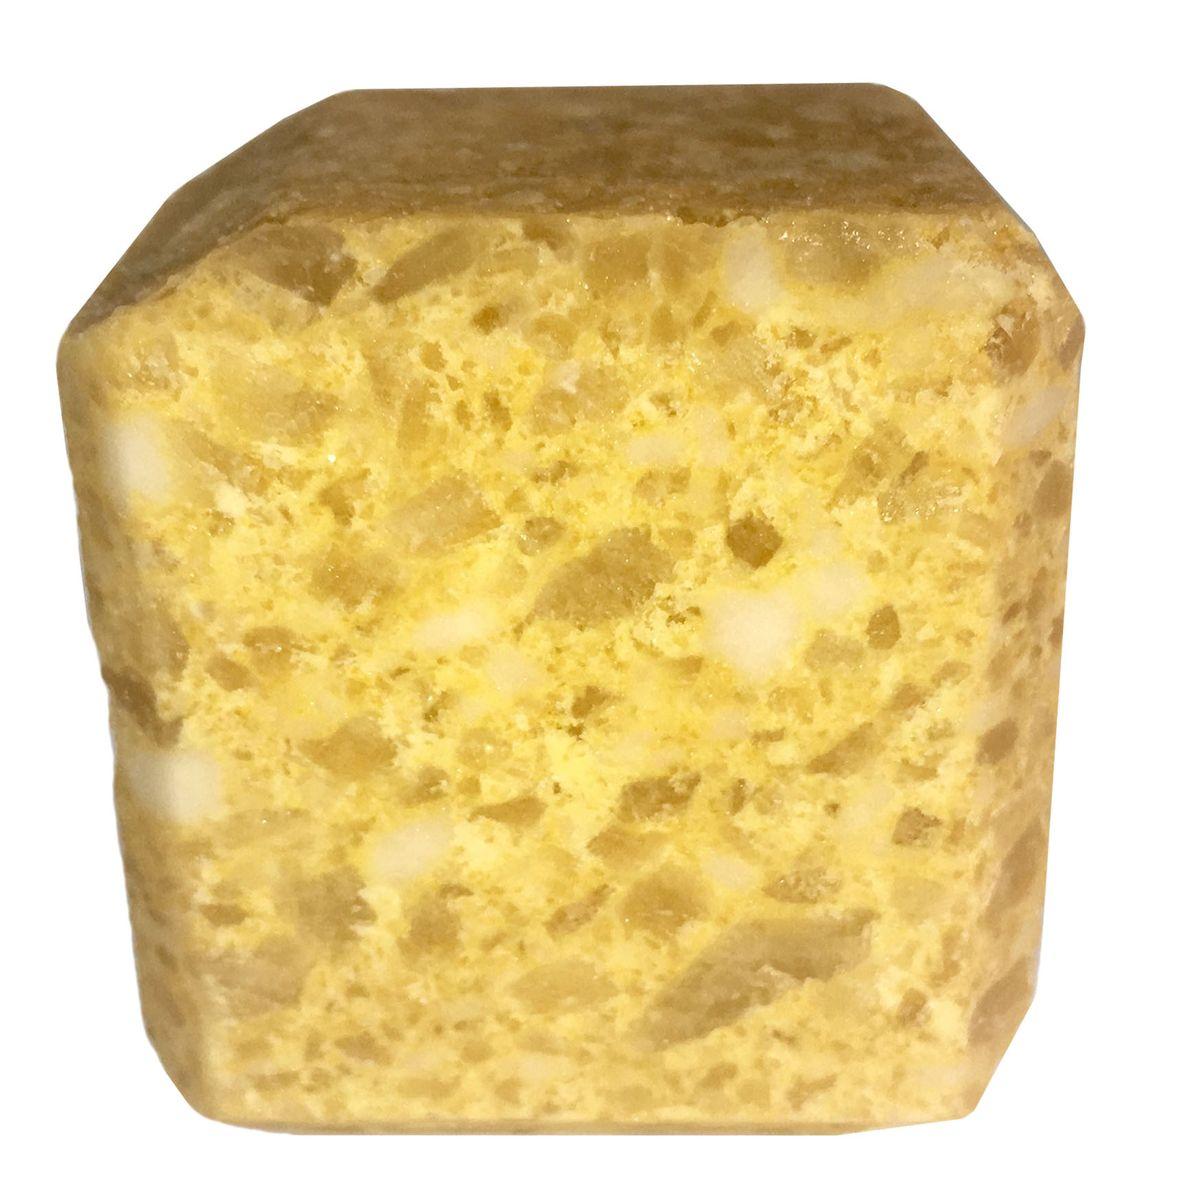 Соль для бани Proffi Sauna, с маслом лимона787502Прессованный кубик из соли Proffi Sauna подходит для сауны и бани. Имеет приятный аромат лимона. Заходя в бане / сауне в парилку, Вы ставите кубик из соли на камни и поливаете камень водой. В результате образуется облако соляного пара, а по всей парилке разносится приятный аромат.1 кубик рассчитан на 1 применение. Состав: чистая природная структурированная соль, эфирное масло.